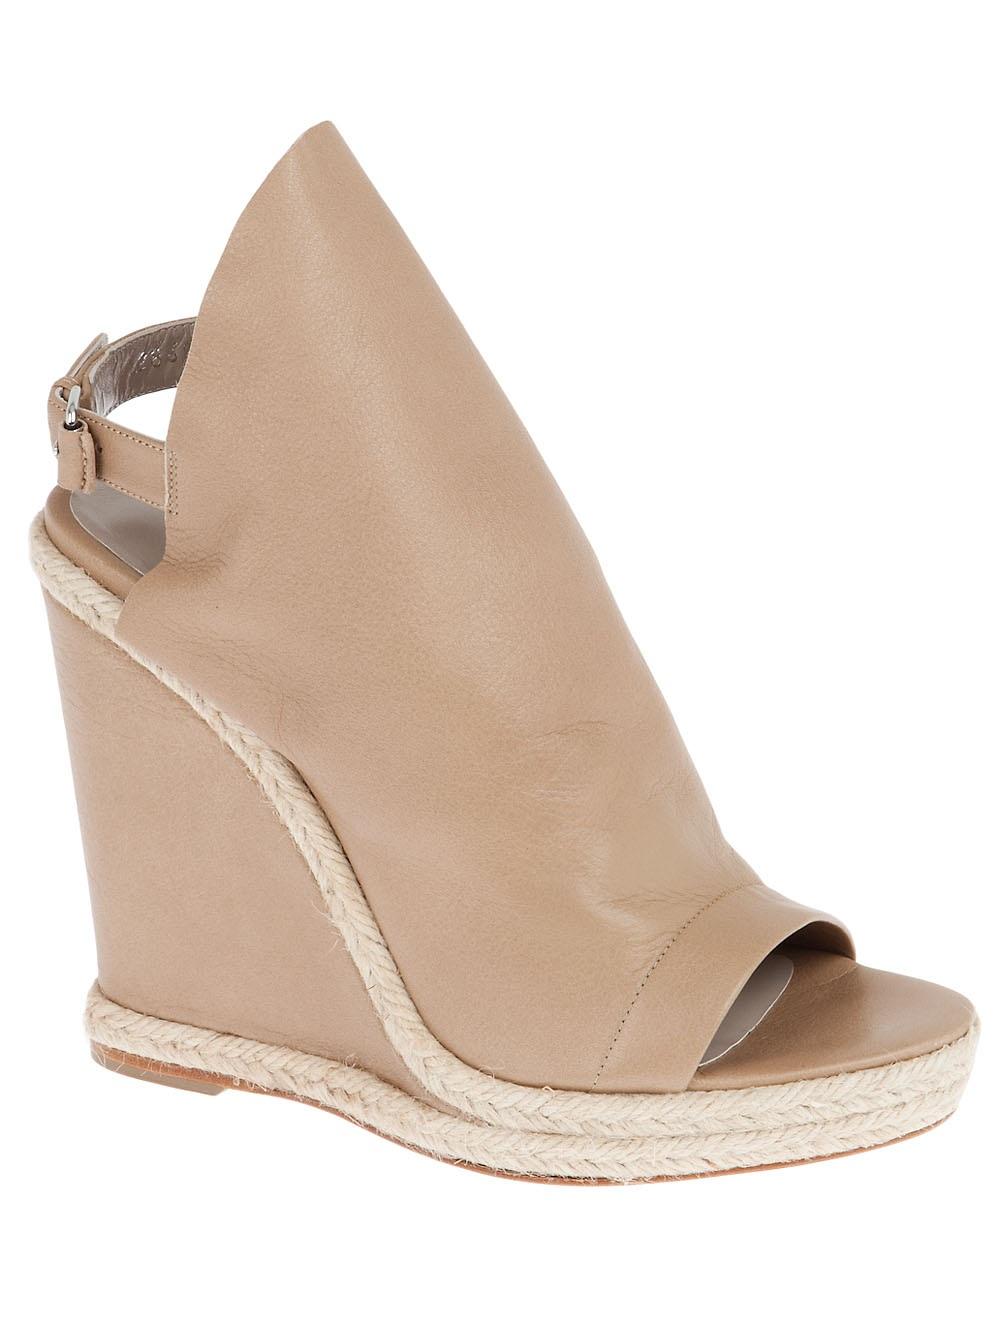 Balenciaga Wedge Sandal In Beige Lyst